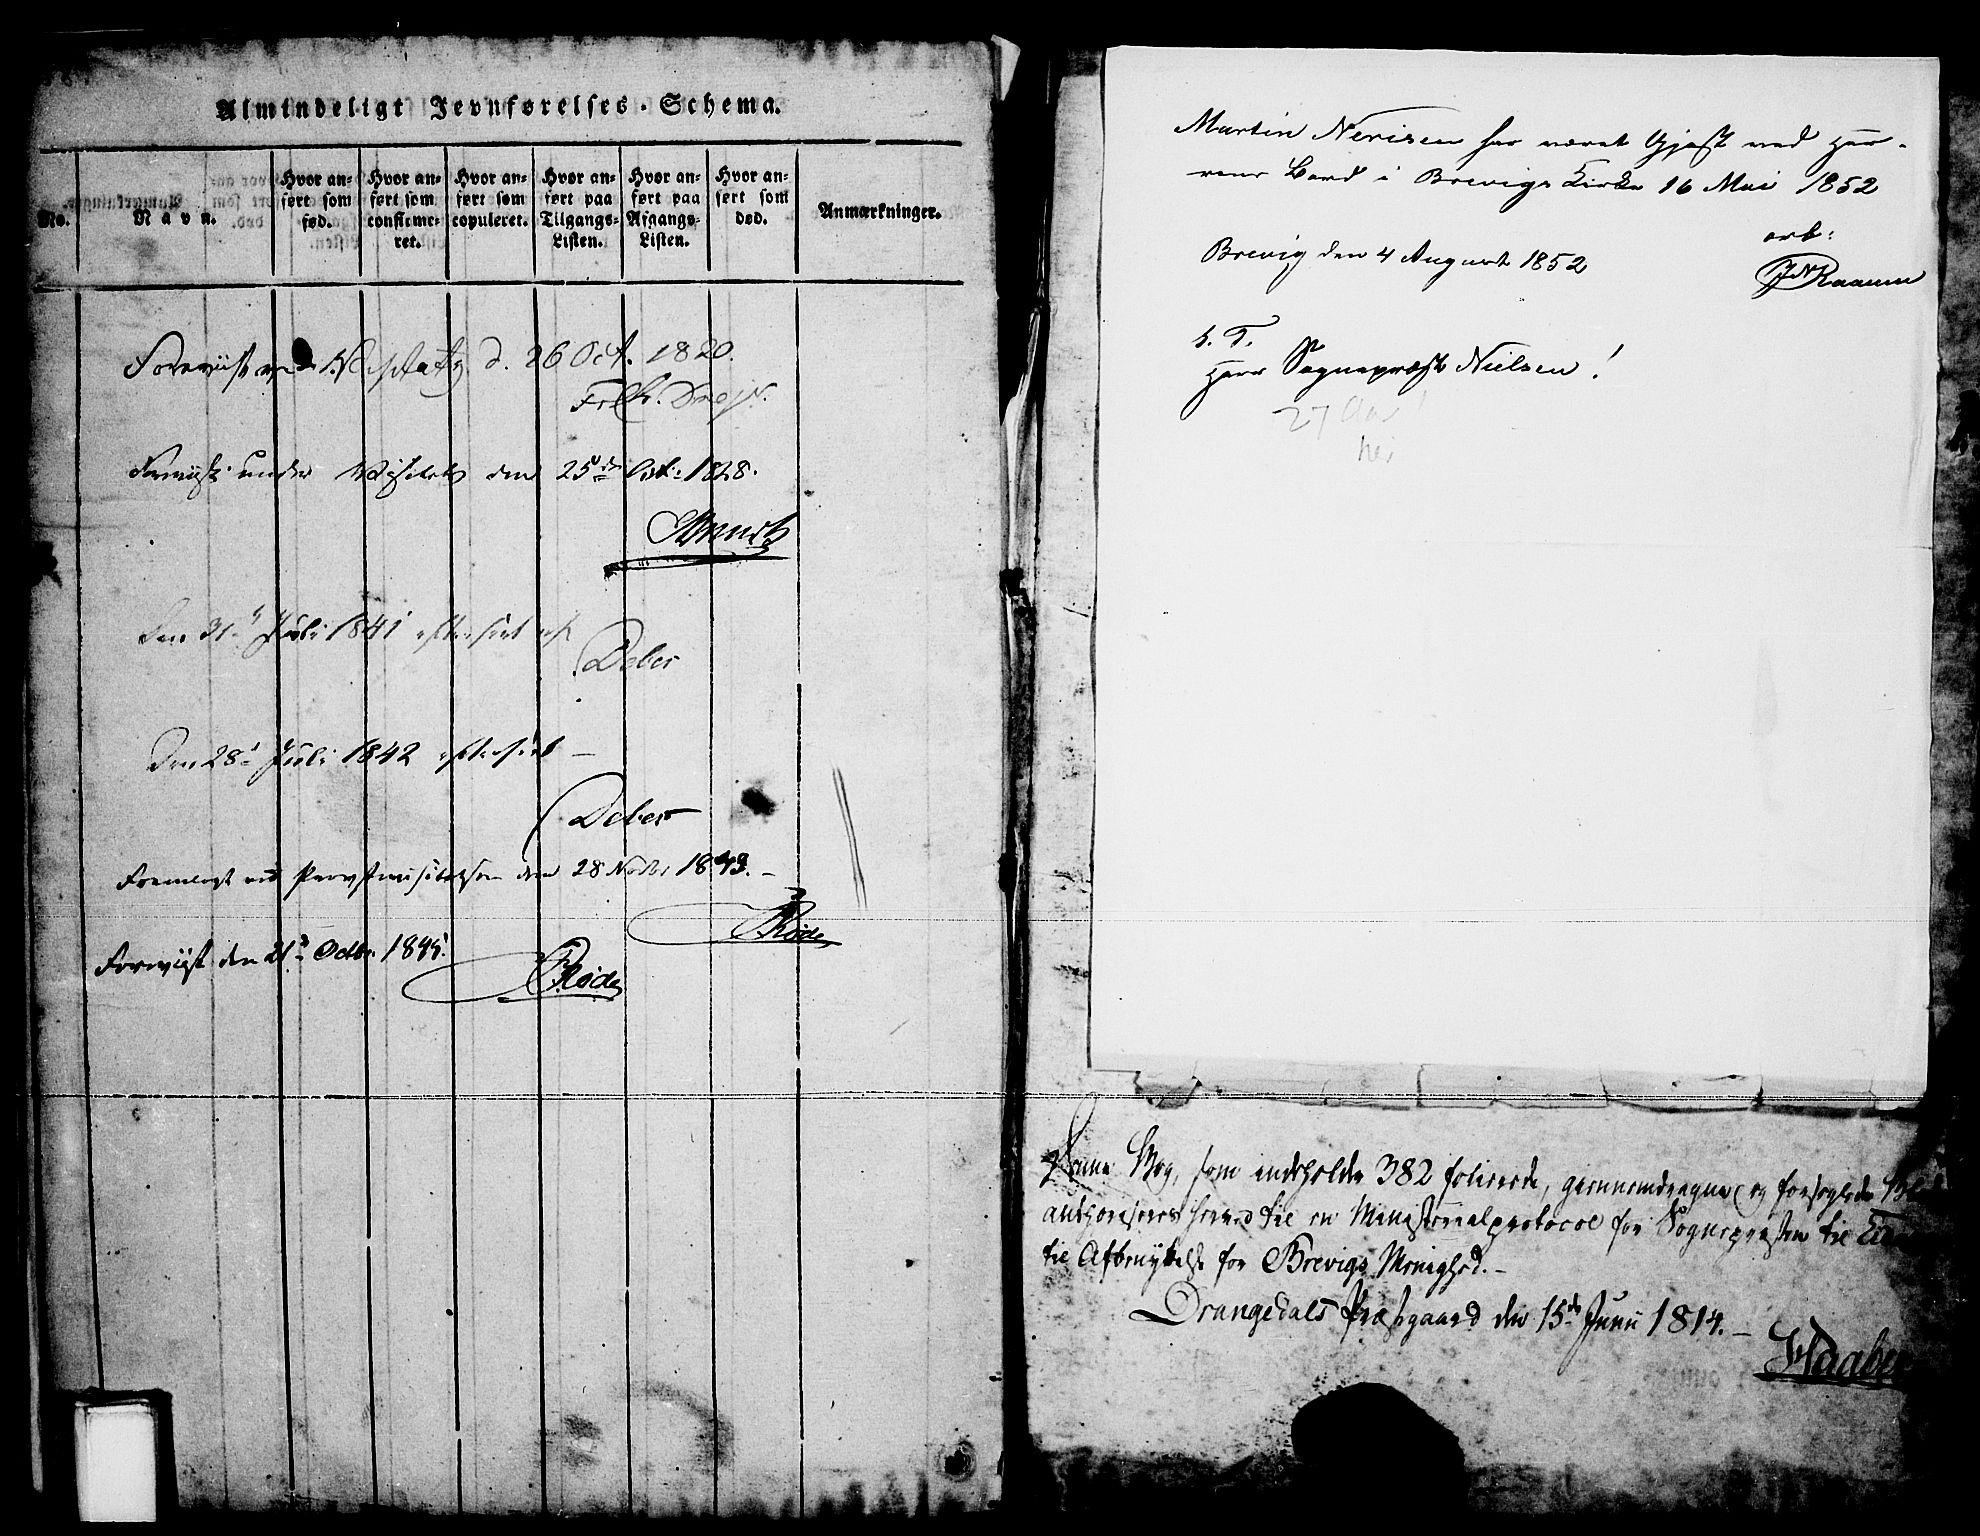 SAKO, Brevik kirkebøker, F/Fa/L0004: Ministerialbok nr. 4, 1814-1846